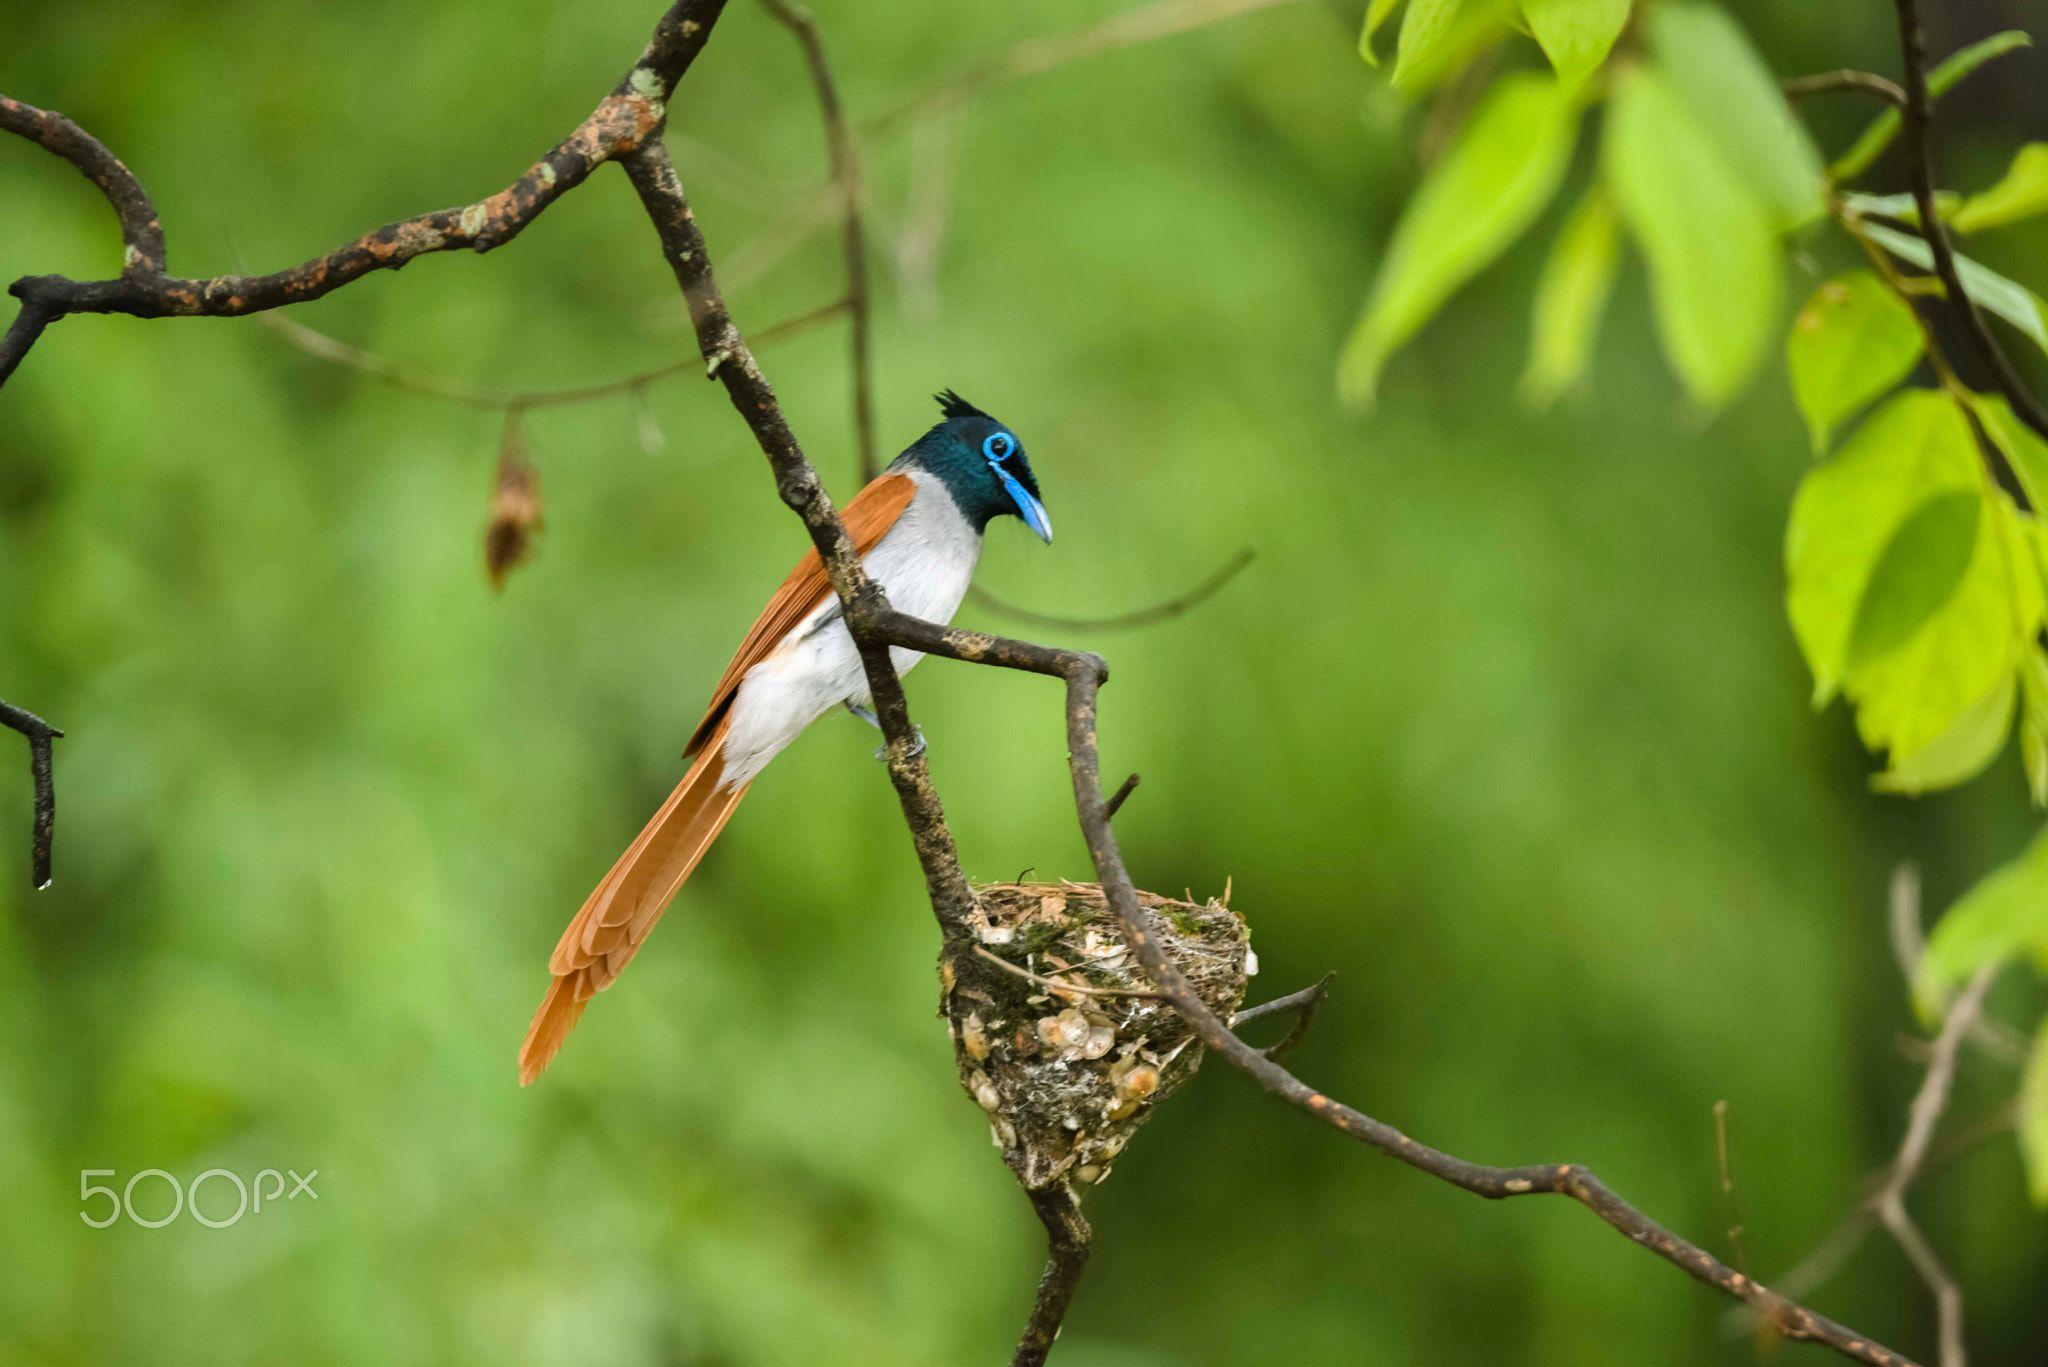 Asian Paradise Flycatcher The Asian paradise flycatcher